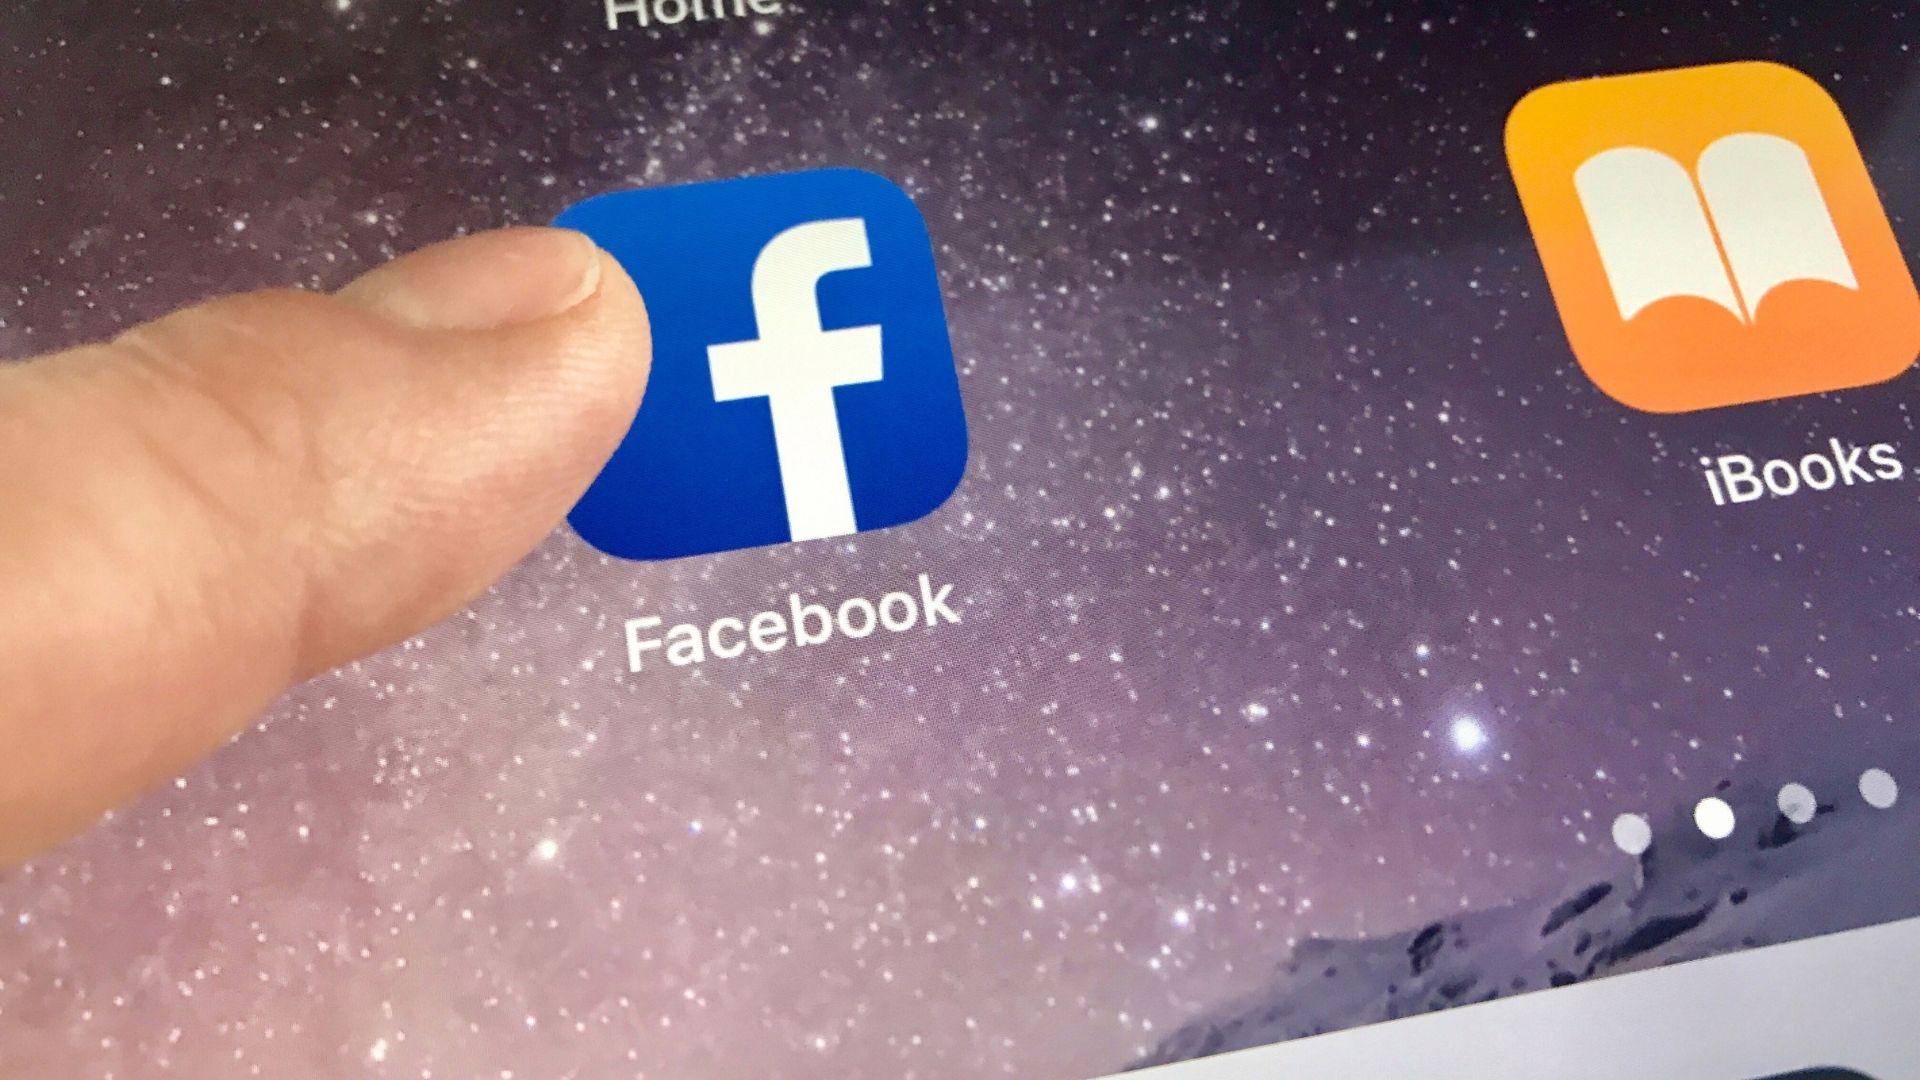 Facebook Innovation : la réalité virtuelle pour les malentendants